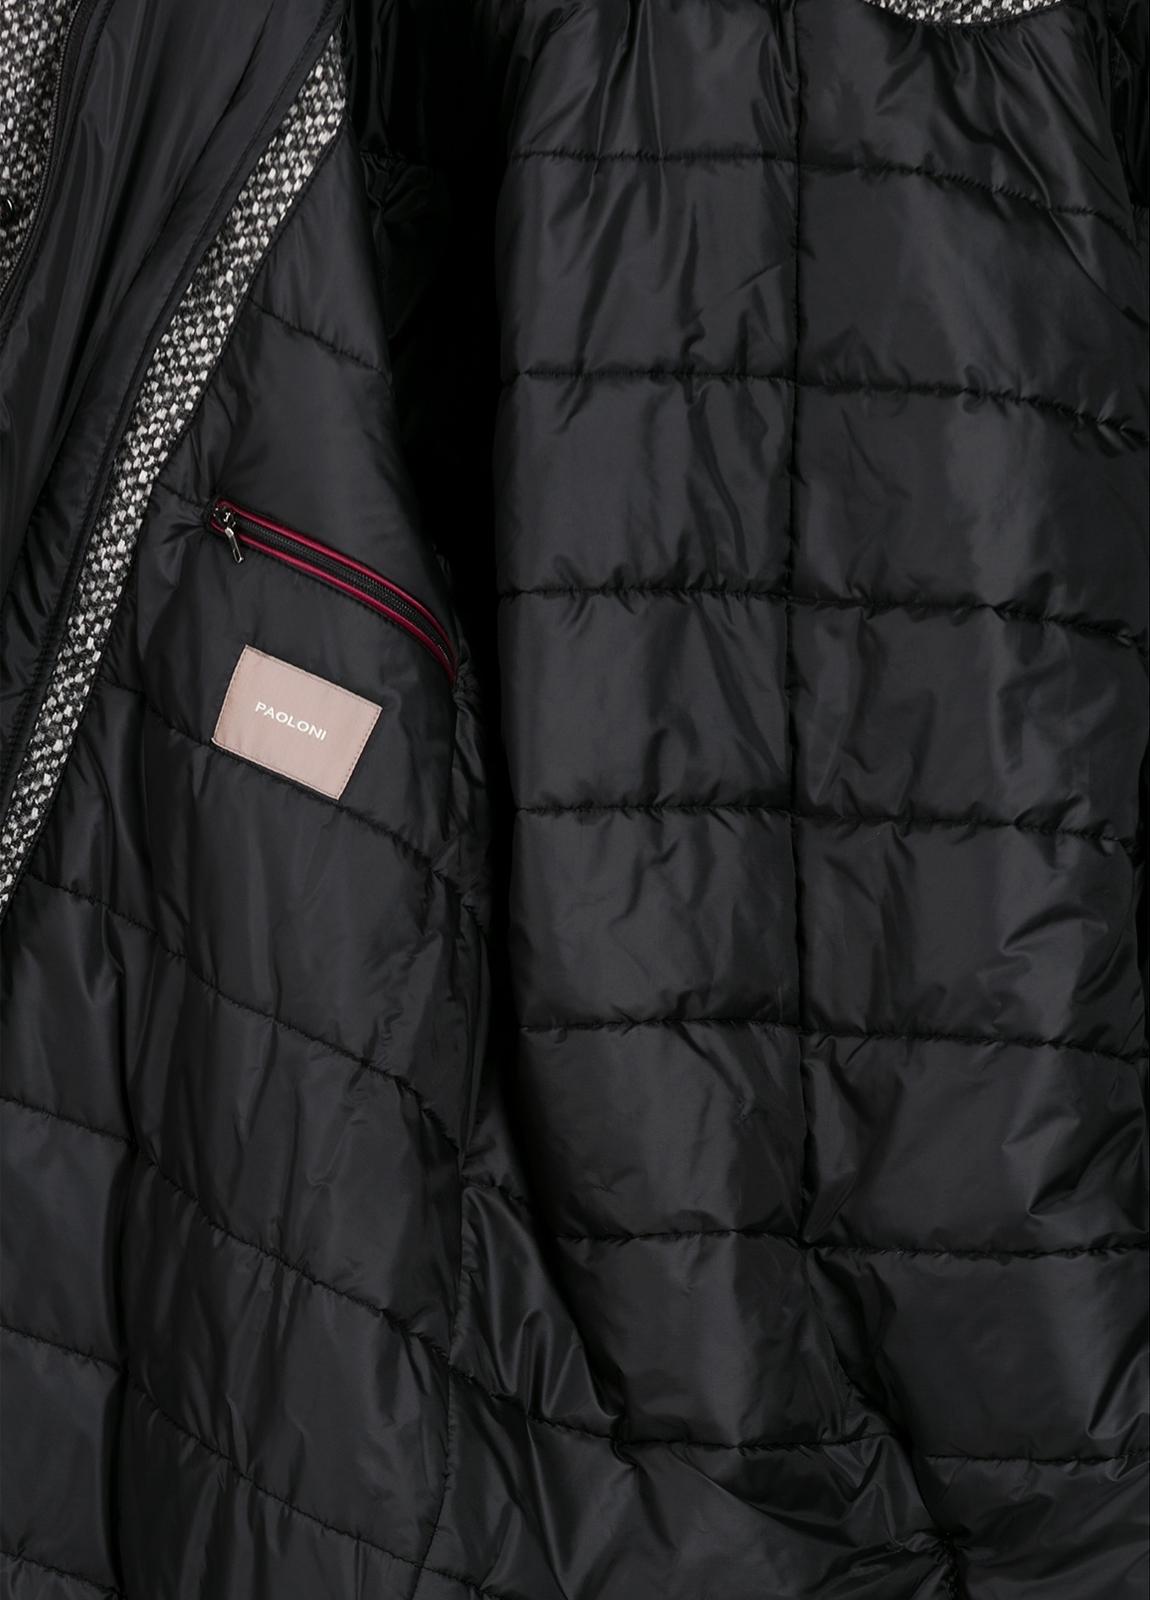 Abrigo jaspeado color gris con pecherín interior. Lana, alpaca y otras fibras. - Ítem1